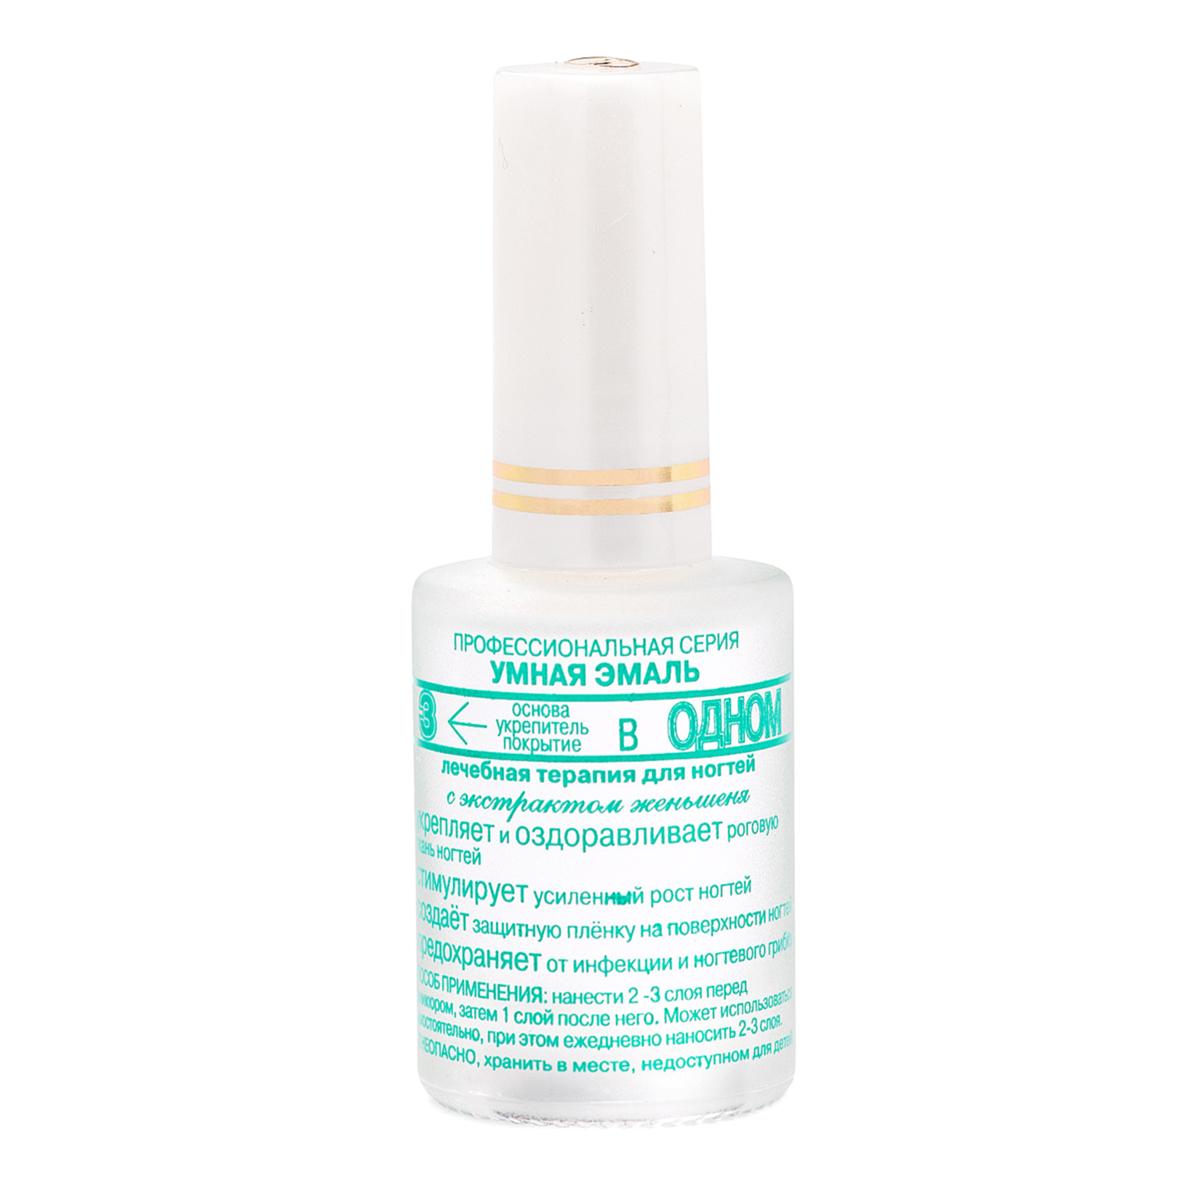 Frenchi Умная Эмаль 3 в 1, 11 млP0359900Универсальное средство с экстрактом женьшеня – лечебная терапия для Ваших ногтей. Этот продукт объединяет в себе три составляющие: основу, покрытие и укрепитель. Улучшенная формула, тонко сбалансированный состав компонентов, поможет вернуть Вашим ногтям крепость и упругость, придаст им натуральный блеск и здоровый вид и, несомненно, поможет росту ногтей. Специальные натуральные добавки предохранят Ваши ногти от грибковых заболеваний.